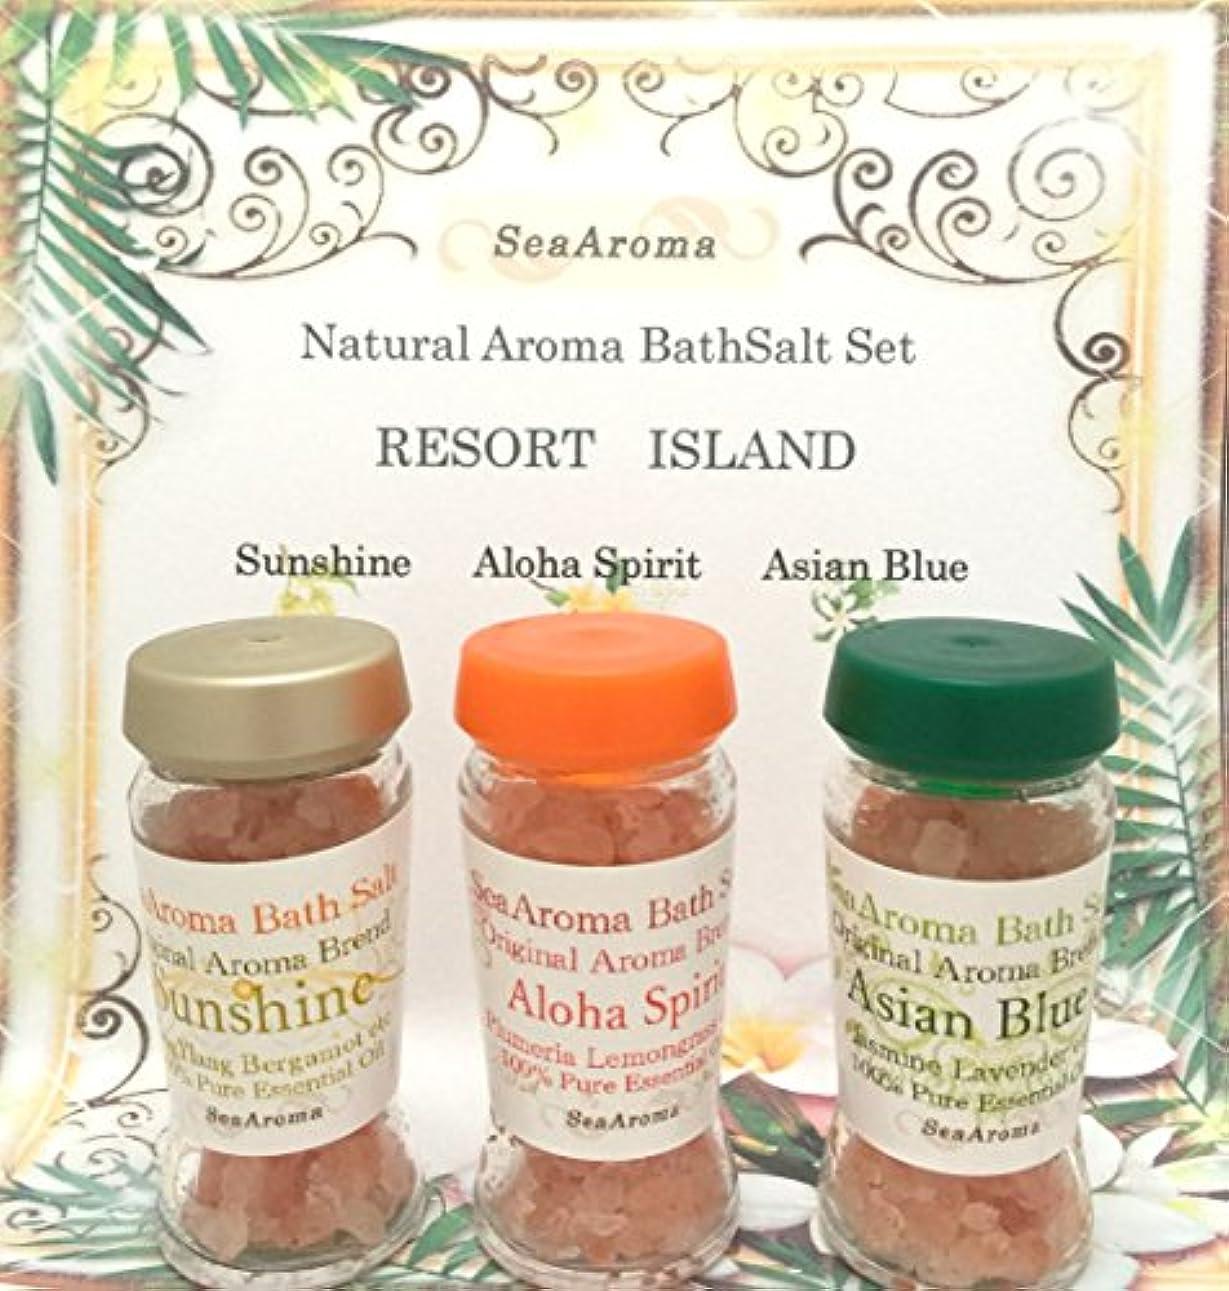 便益投資するクローン【Aroma Bath Salt】アロマバスソルト3種セット-RESORT ISLAND- (フラワー系)